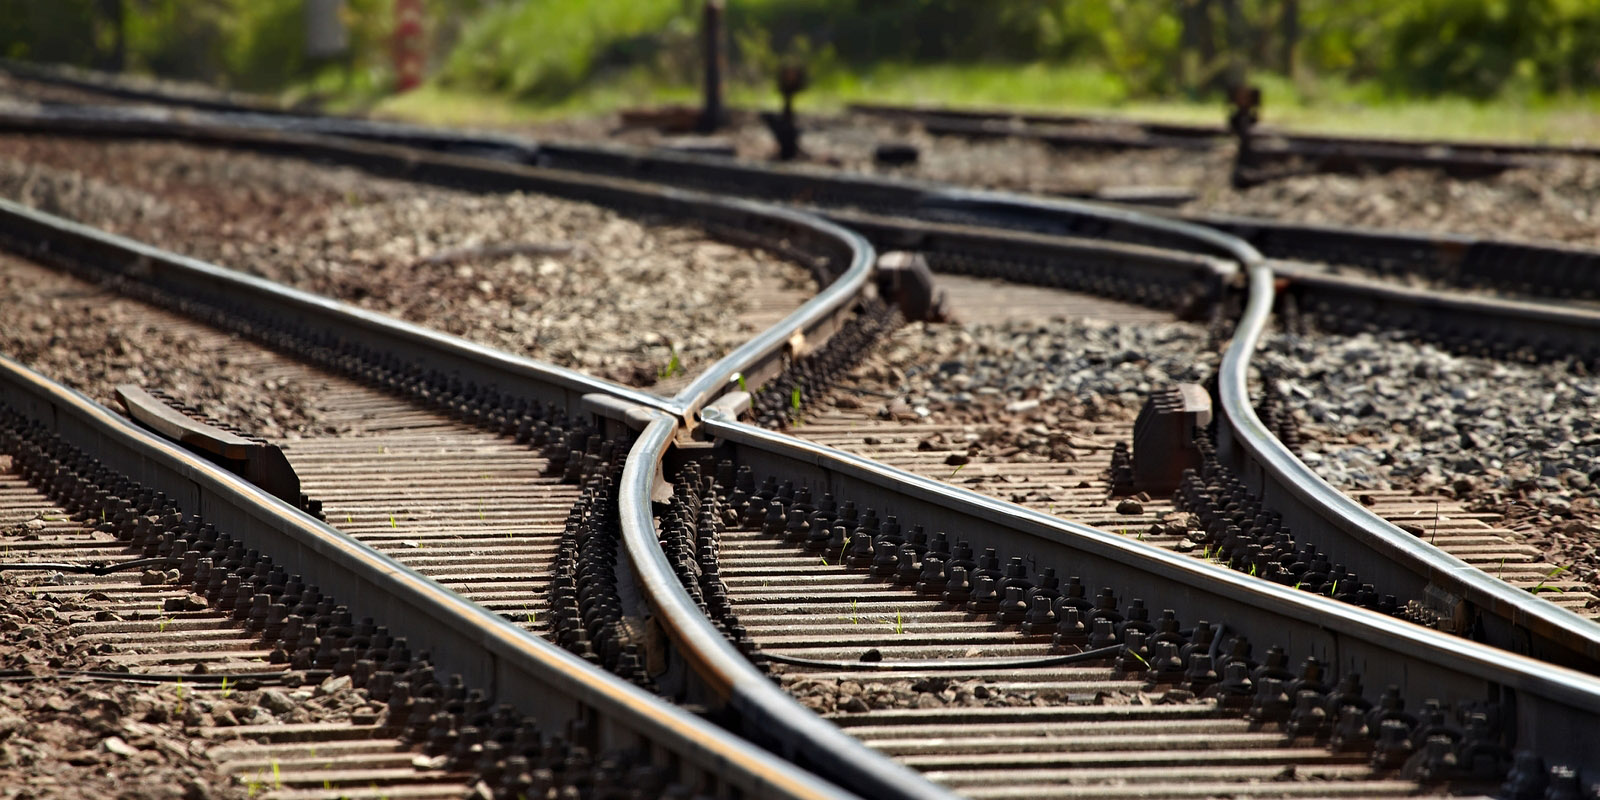 Railway Stormwater Prevention Design - Railway Engineering - TWM, Inc. - Railway Stormwater Prevention Design